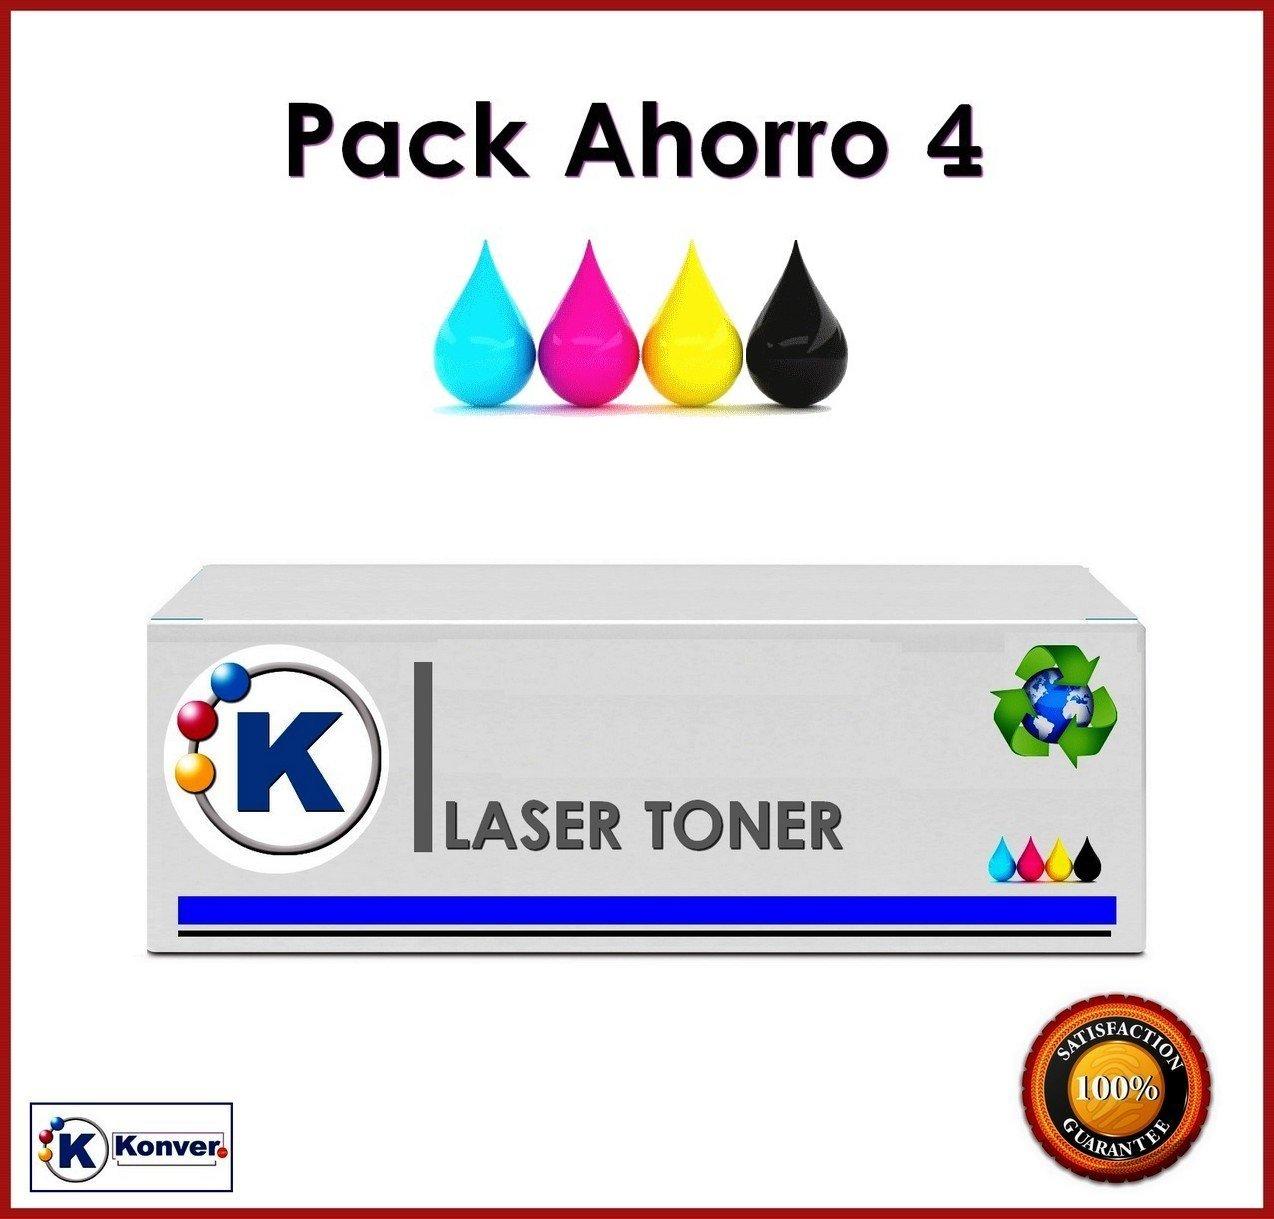 PACK AHORRO 4 x TONER RECICLADO HP 126 , Toner HP LaserJet Pro ...